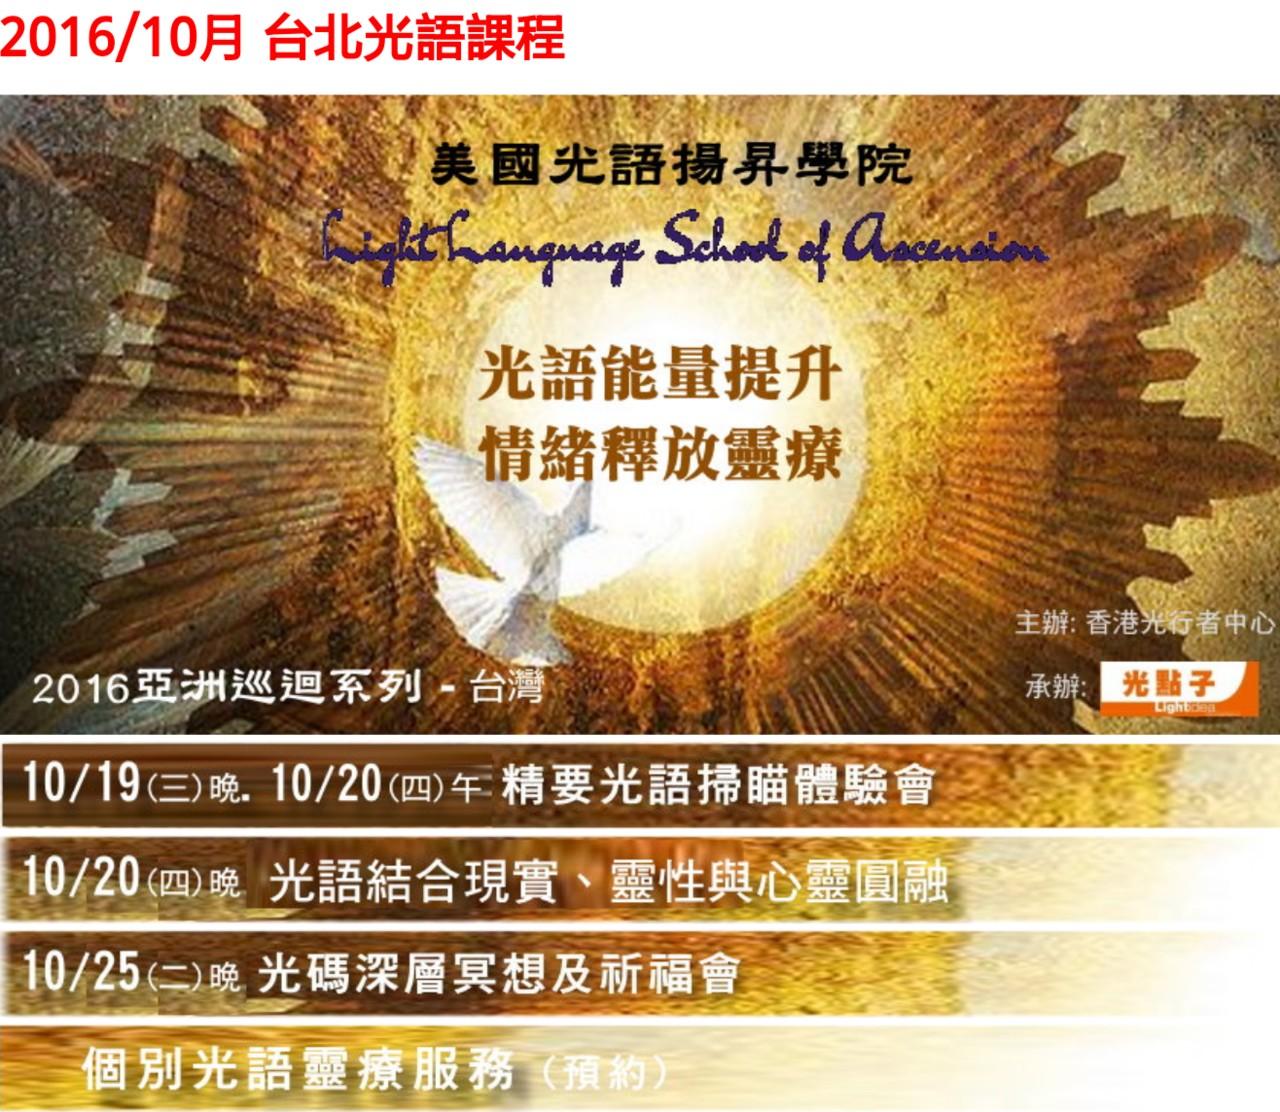 美國光語揚昇學院首次來台,台北體驗課程,歡迎參加10/19、20兩場~【光點子】協辦課程